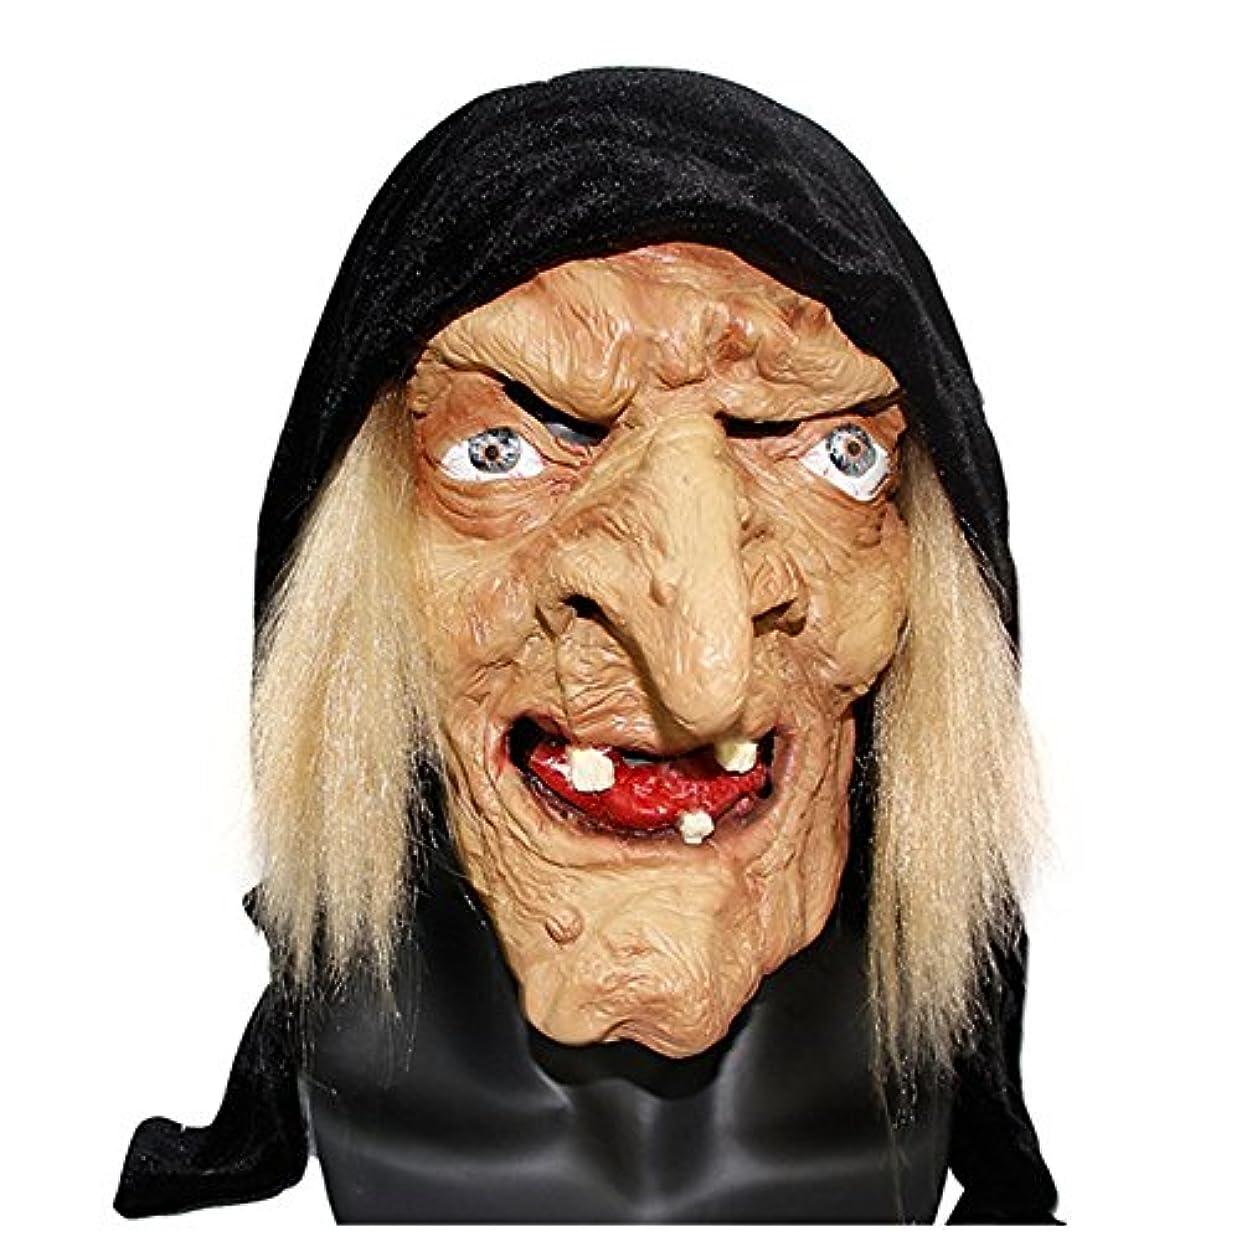 上昇初期のお風呂を持っているハロウィンマスク魔女の顔ラテックスヘッドギア怖いお化け屋敷のおもちゃホラー大人の女性の装飾的なフェイスマスク